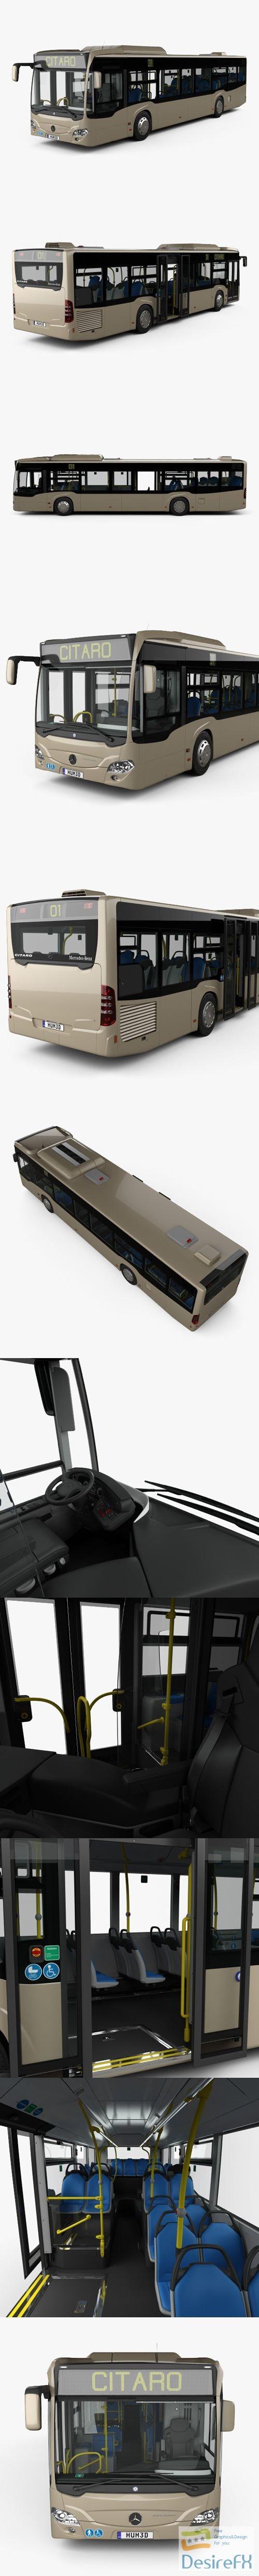 3d-models - Mercedes-Benz Citaro O530 Bus with HQ interior 2011 3D Model